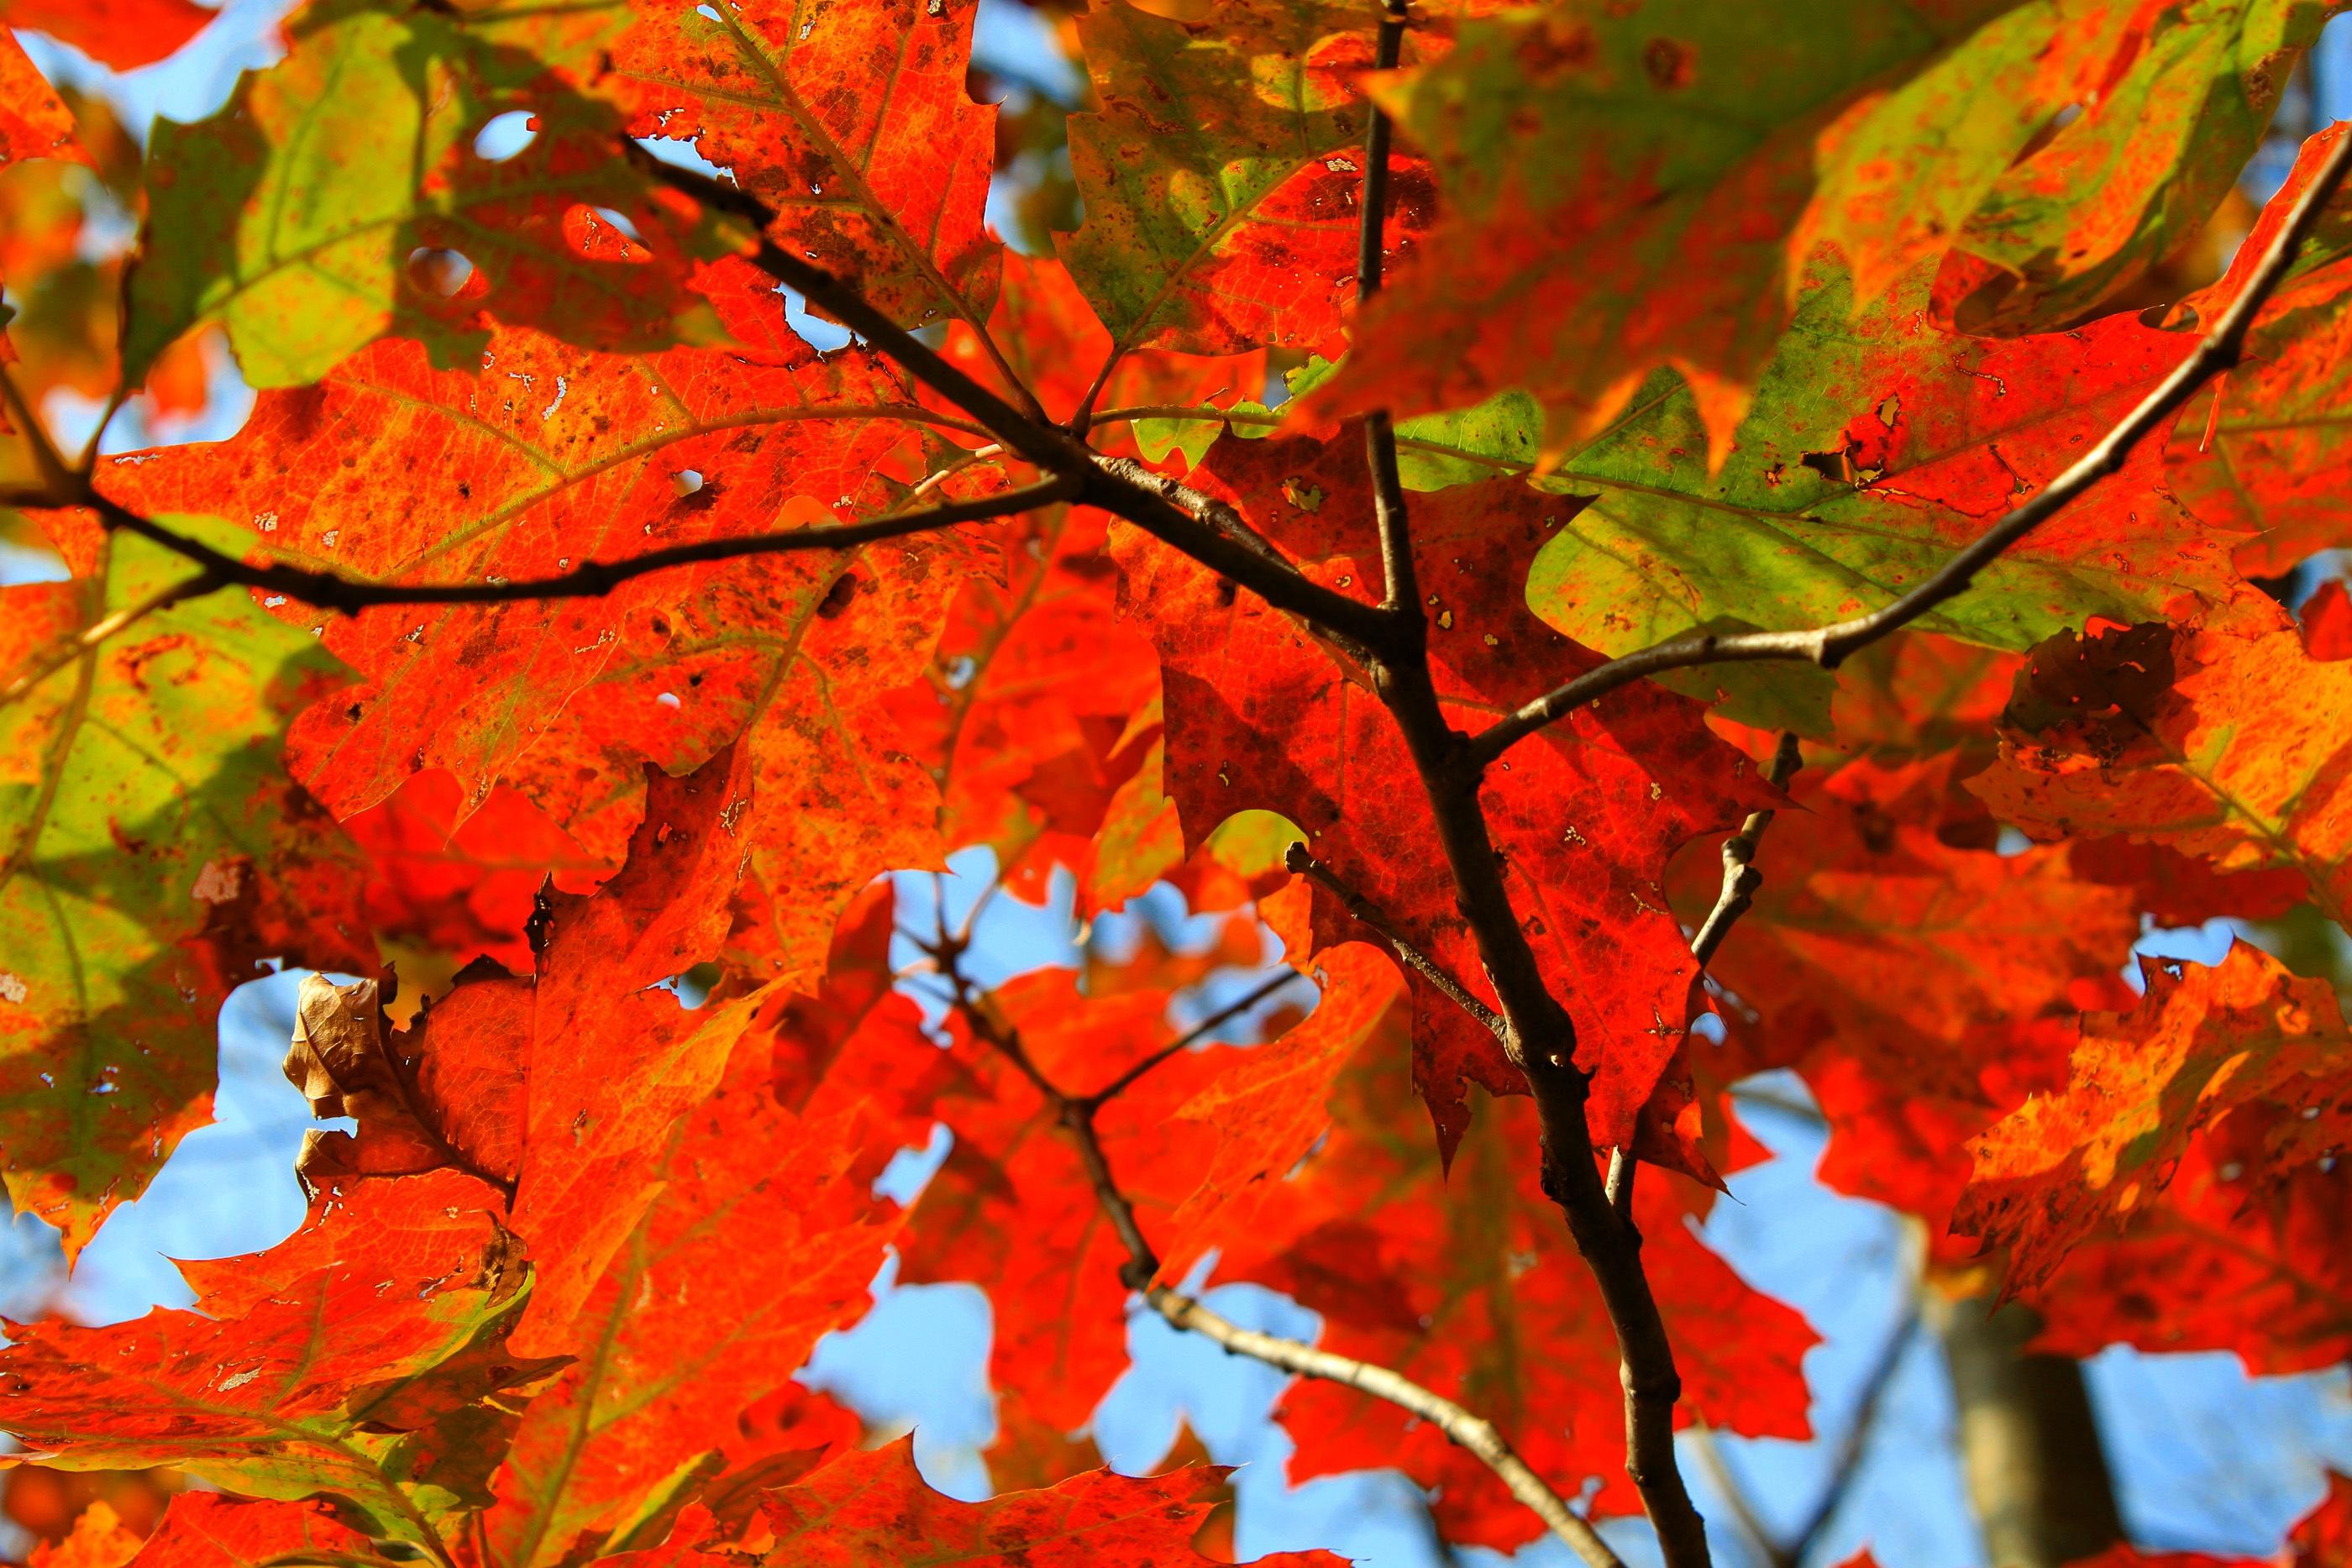 gratis billeder tr230 natur afdeling efter229r orange